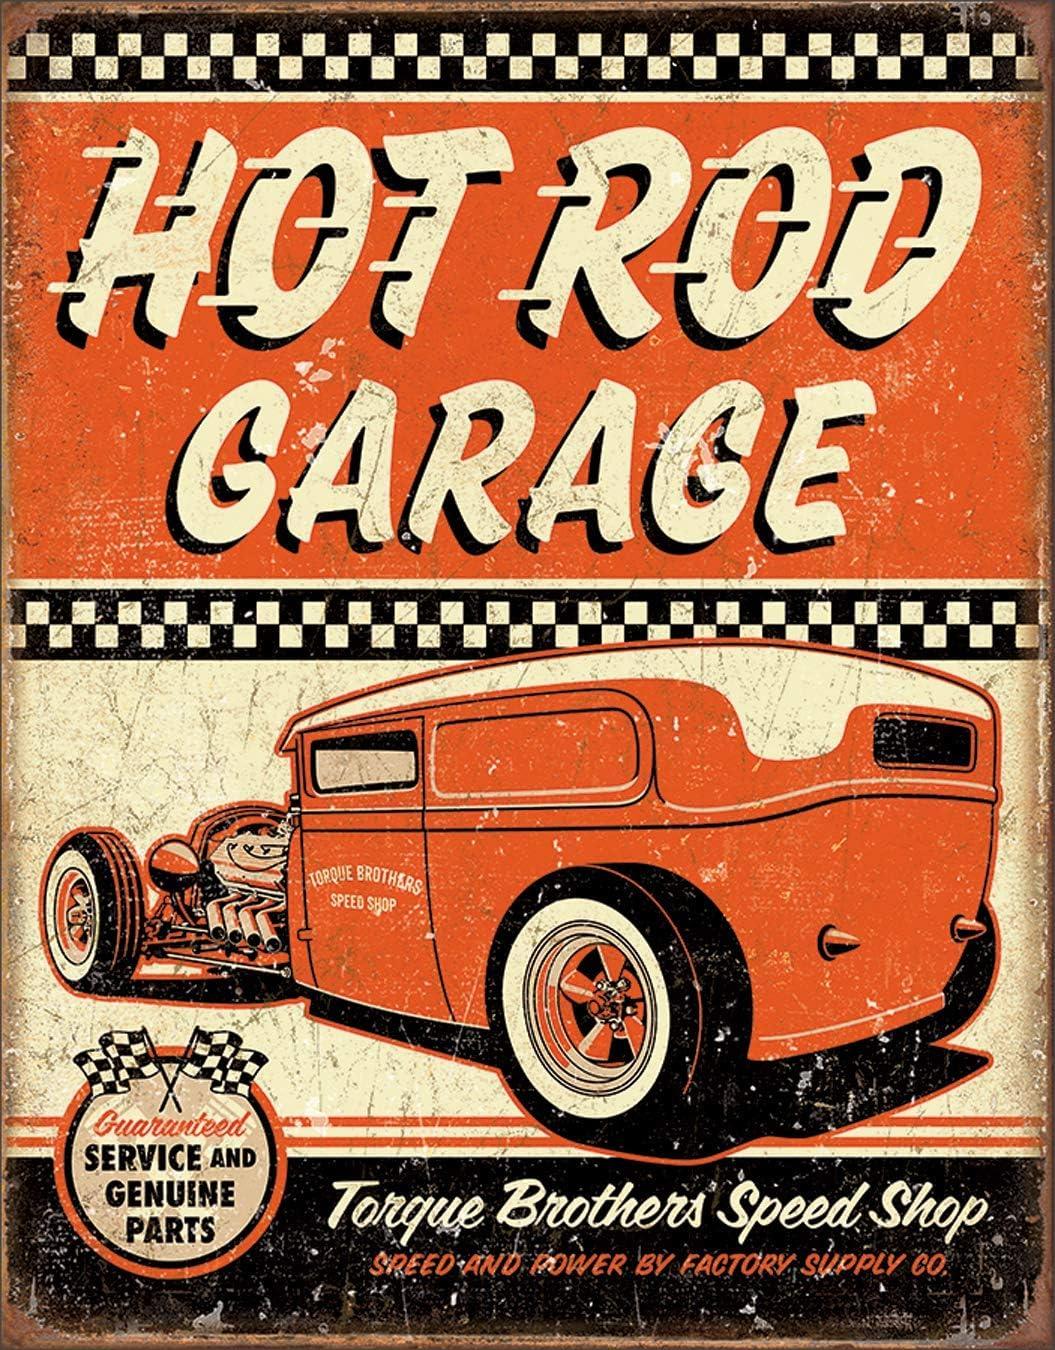 Ride Free Classic Metall Nummernschilder Vintage Bar Cafe Retro Blech Schilder Garage Metall Deko Plates #1 uwuzihuisho Live Fast